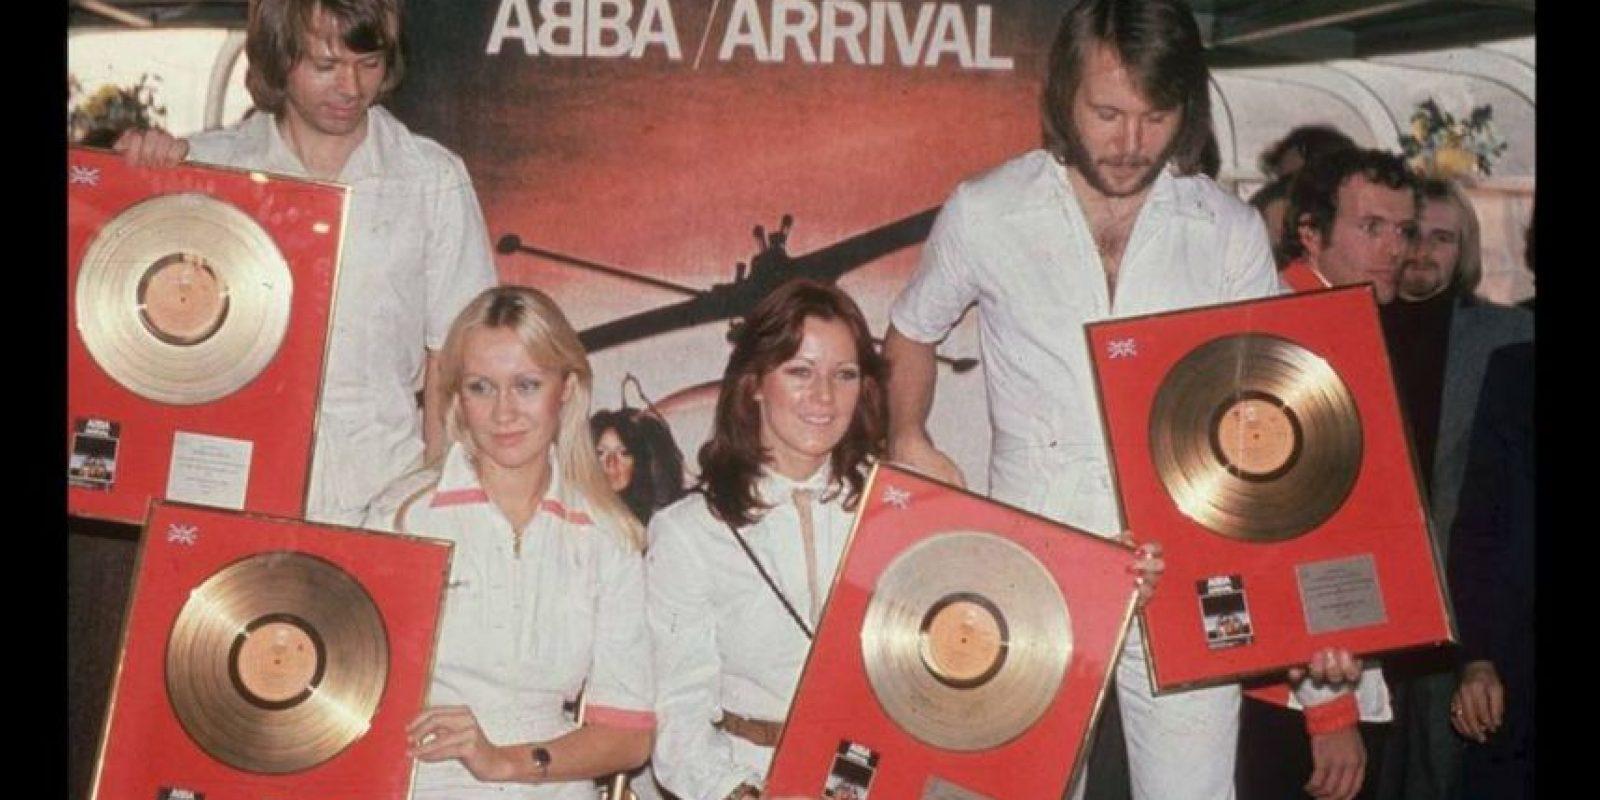 """La obra de teattro musical """"Mamma mia!"""" está basada en sus grandes éxitos. Foto:Getty Images. Imagen Por:"""